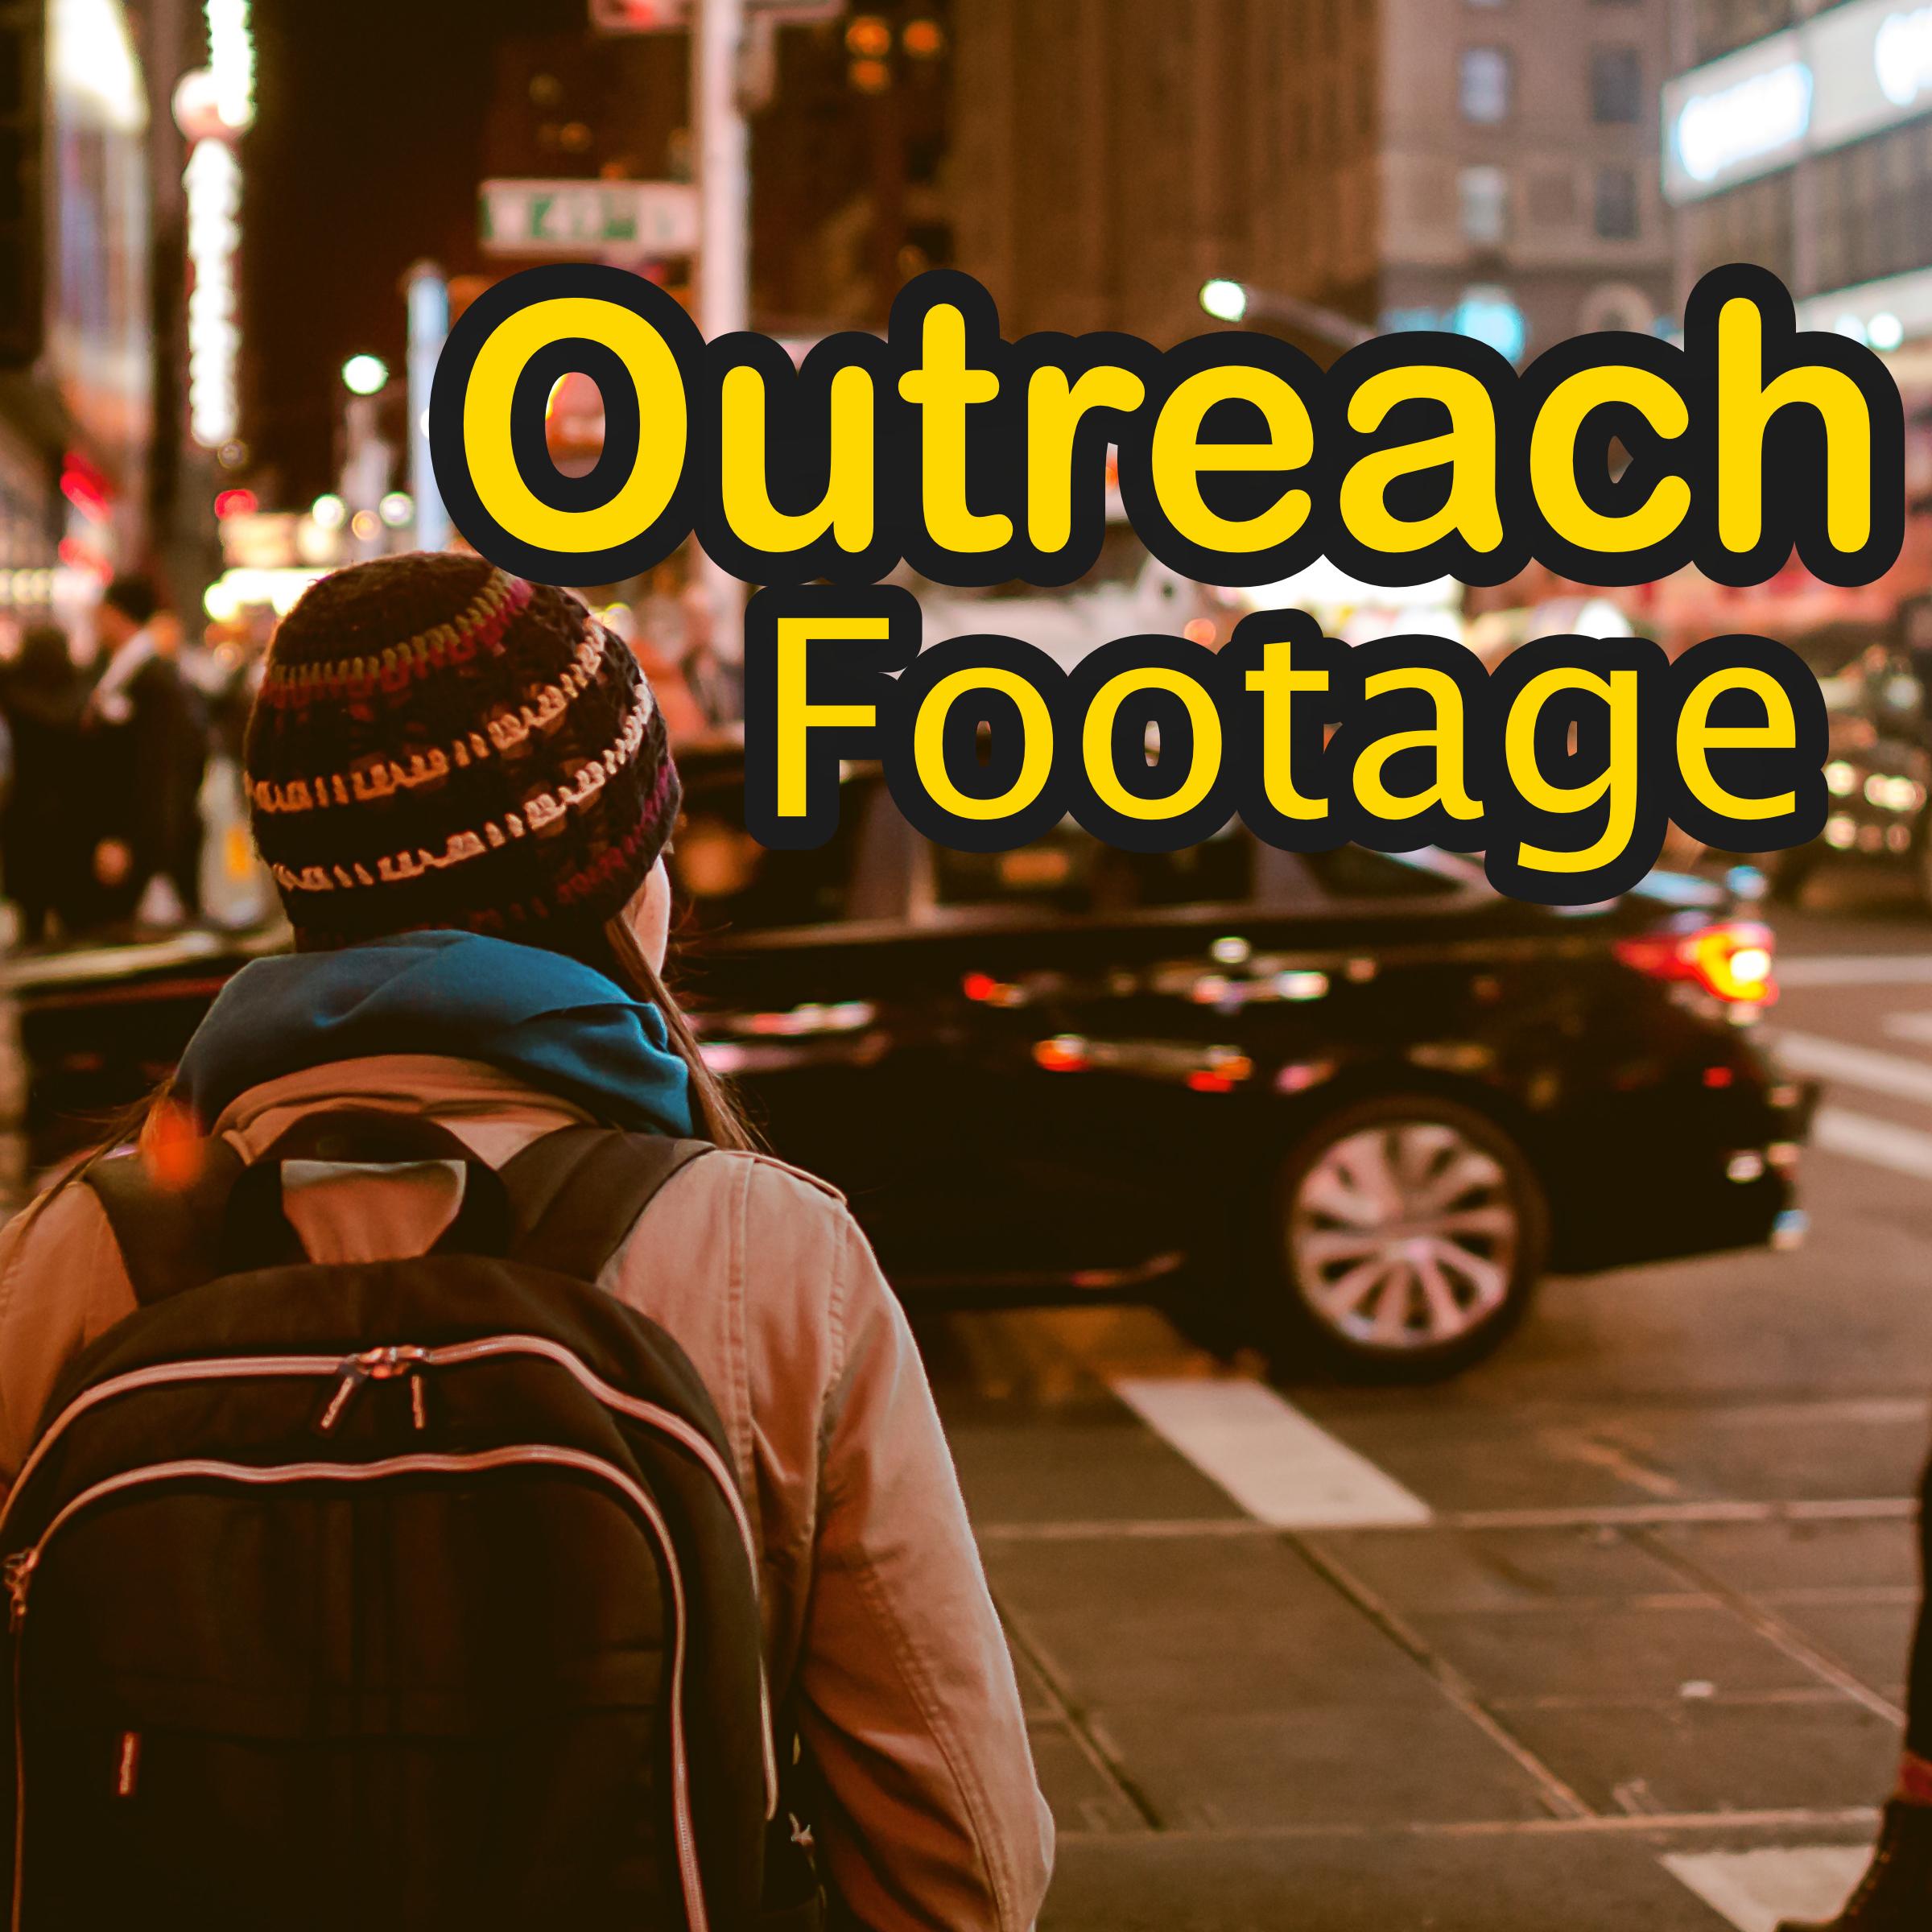 Outreach Footage.jpg